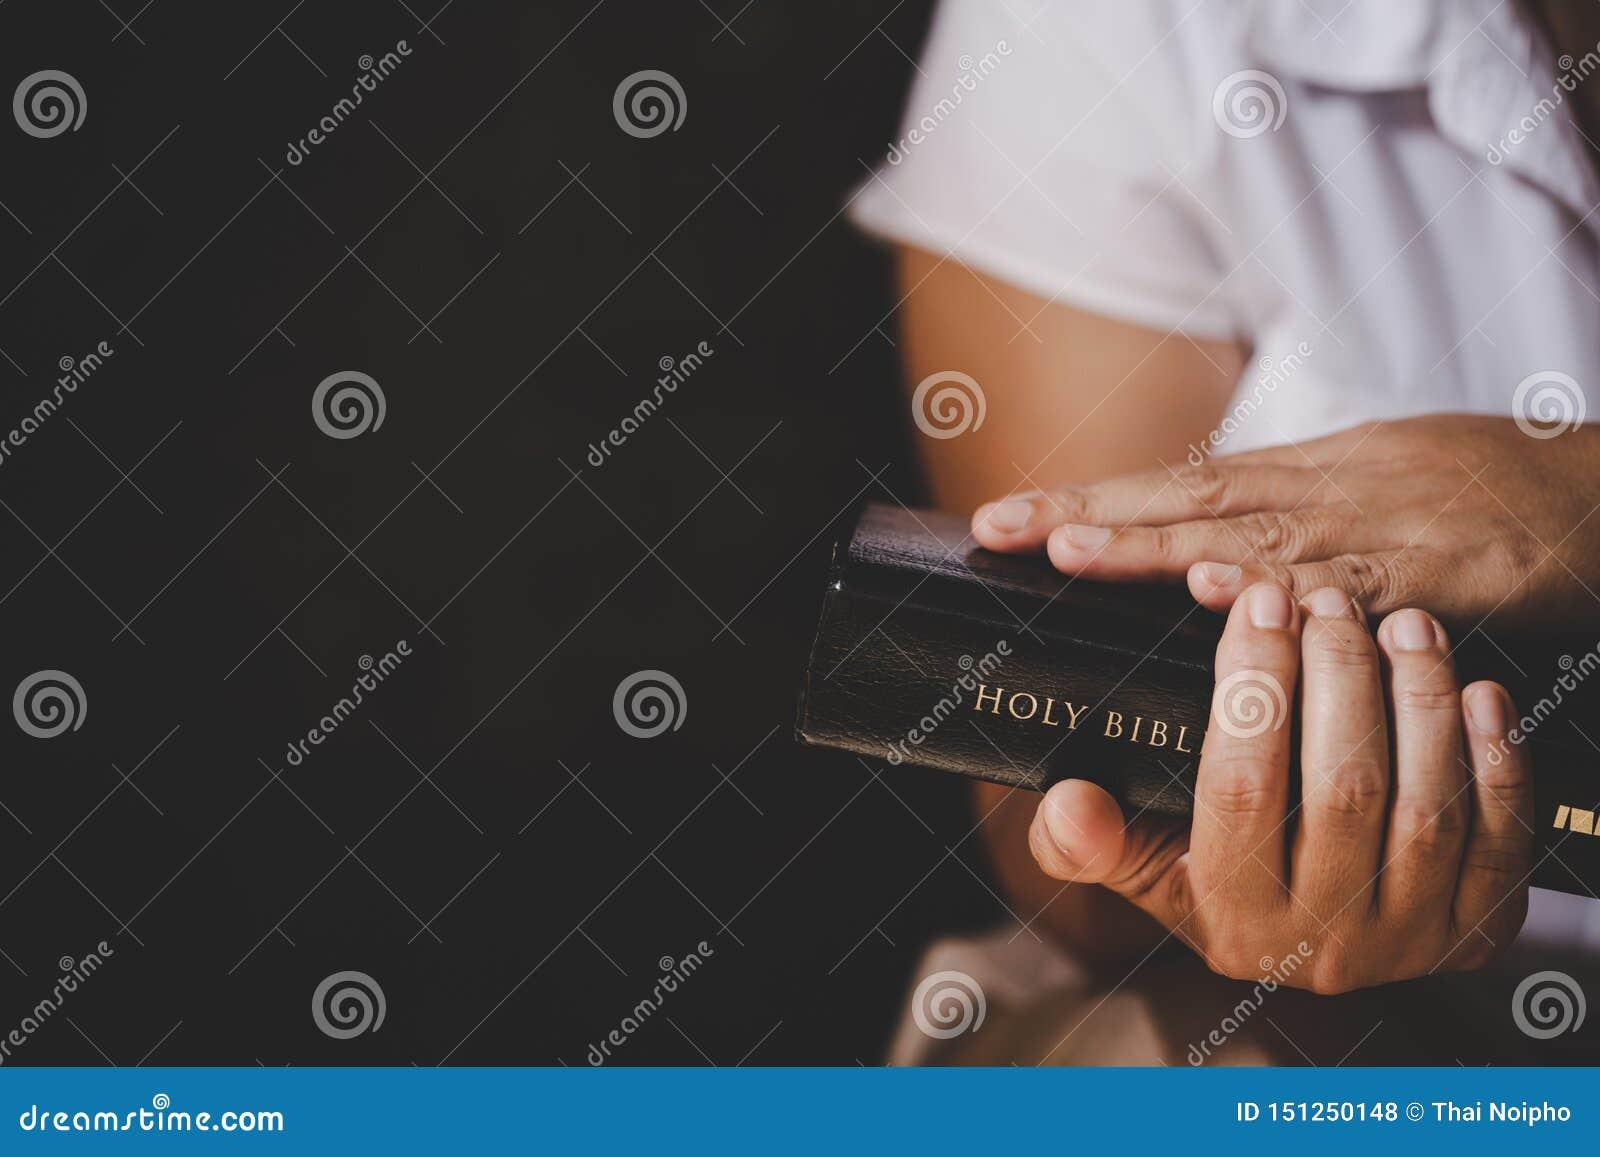 Τα χέρια δίπλωσαν στην προσευχή σε μια ιερή Βίβλο στην έννοια εκκλησιών για την πίστη